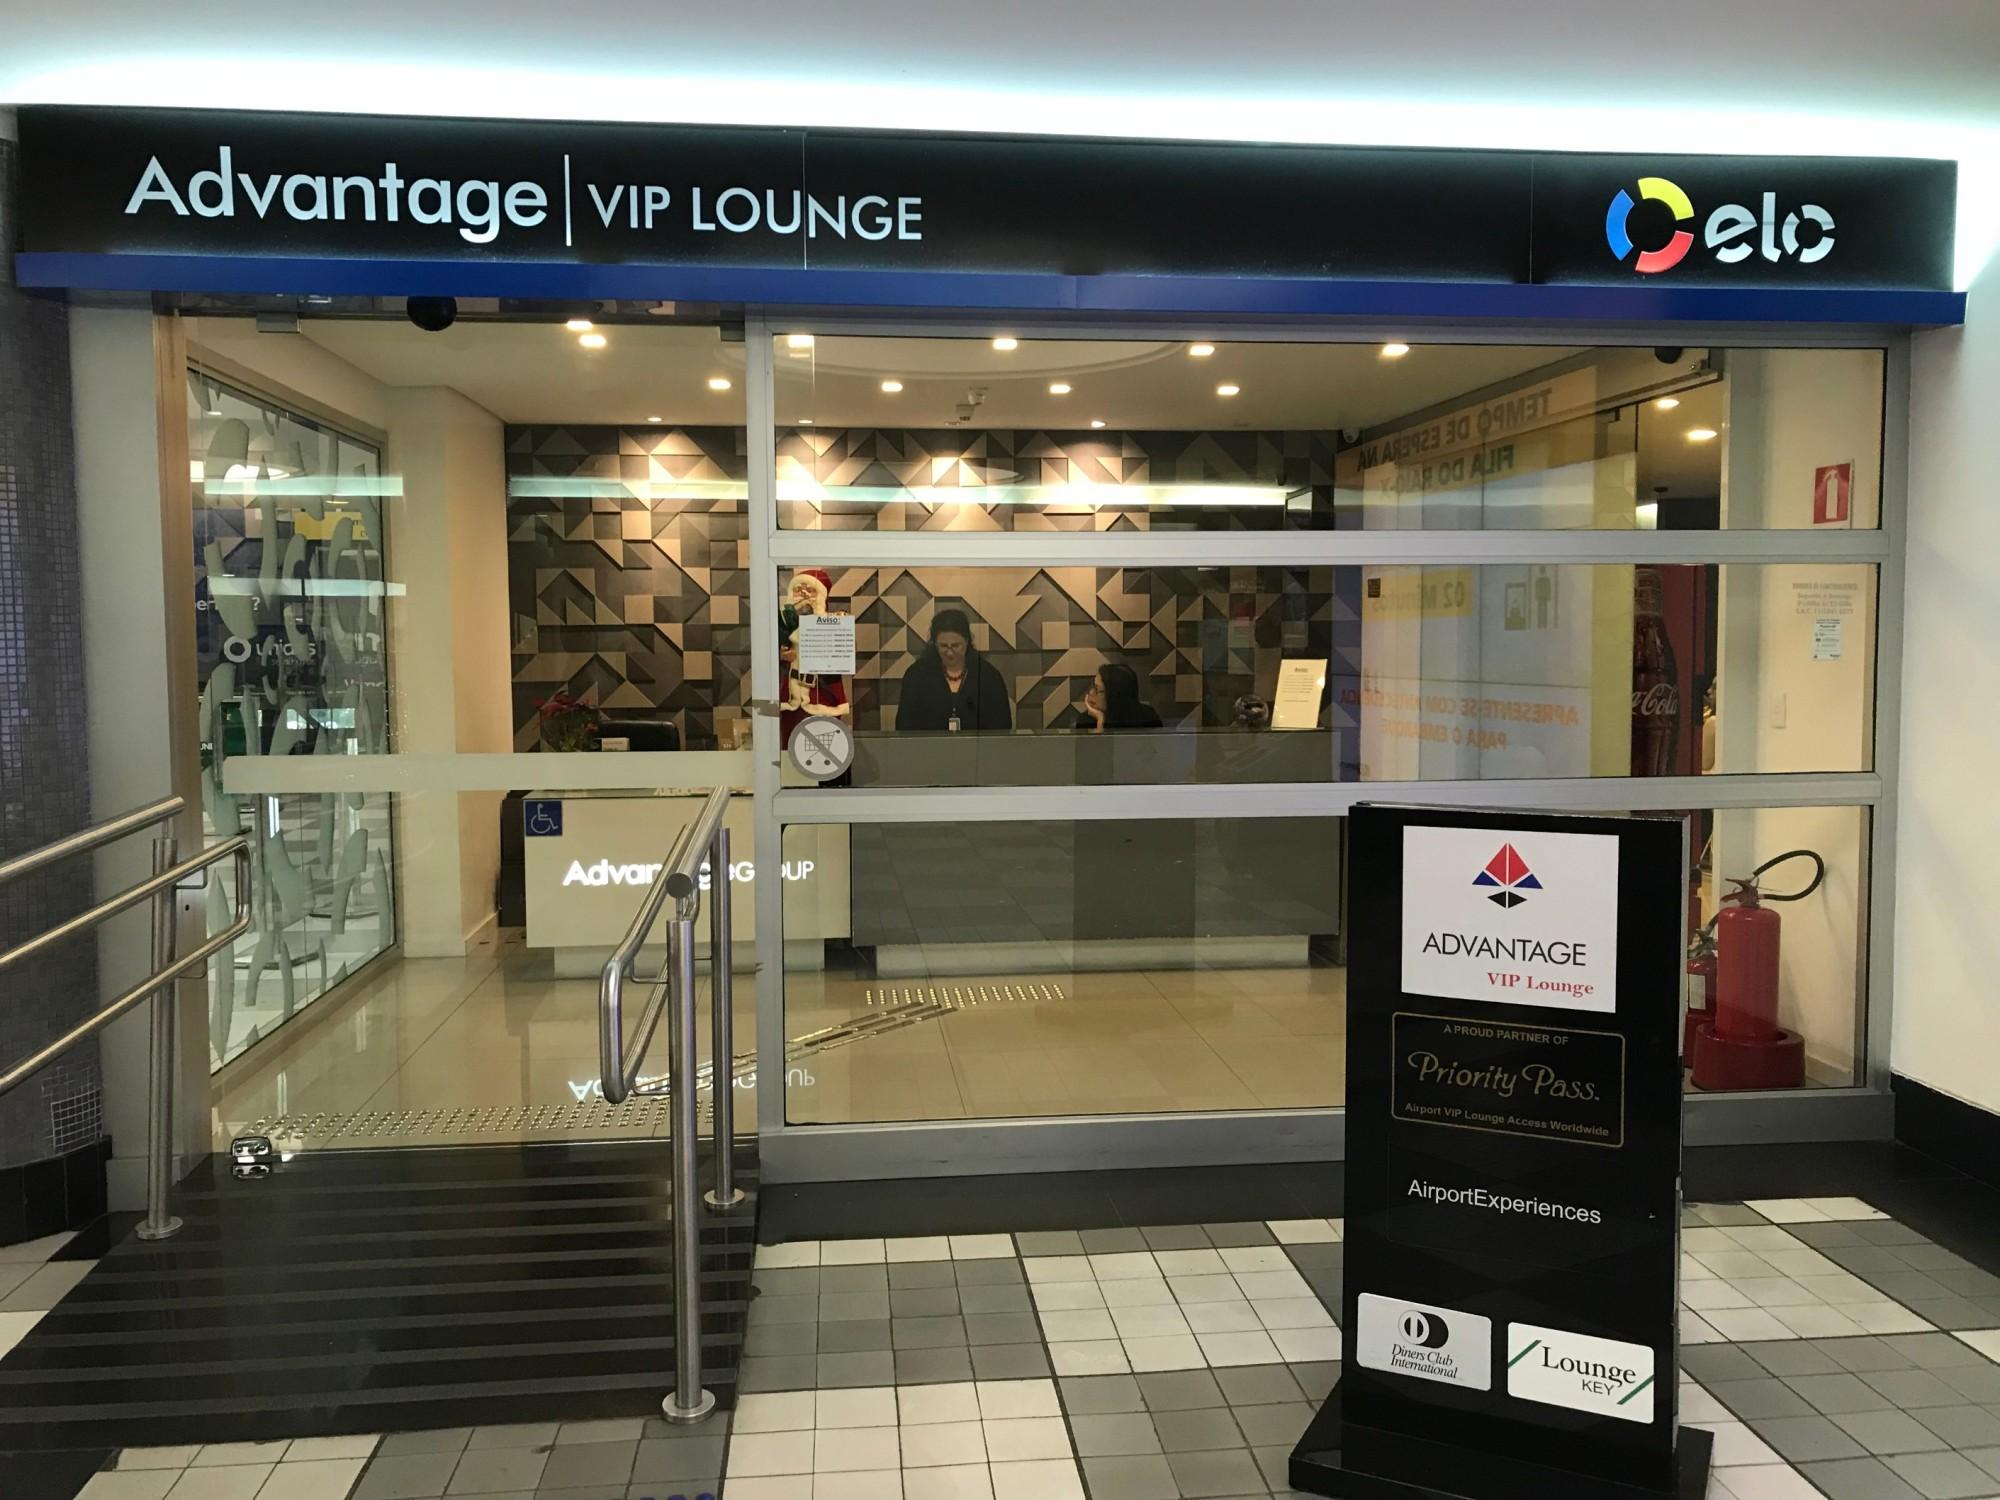 CGH Advantage VIP Lounge Reviews Photos